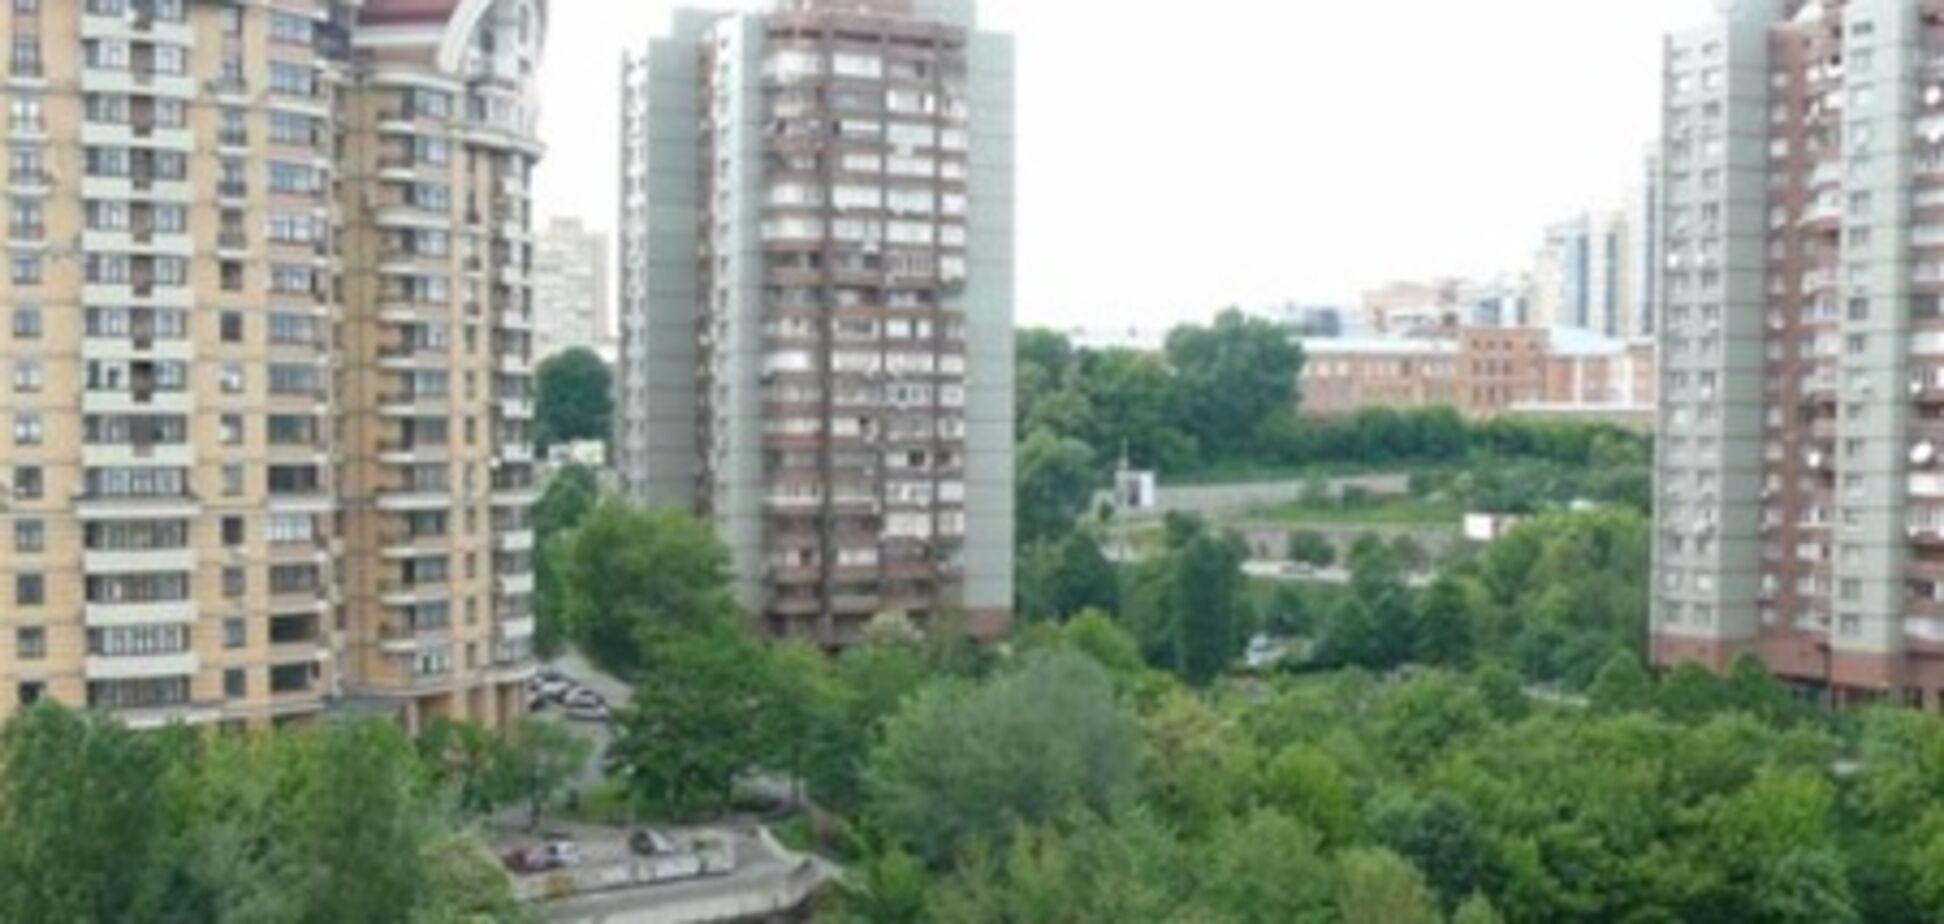 На аренду элитного жилья в июле киевляне потратили на 73% больше денег, чем в мае